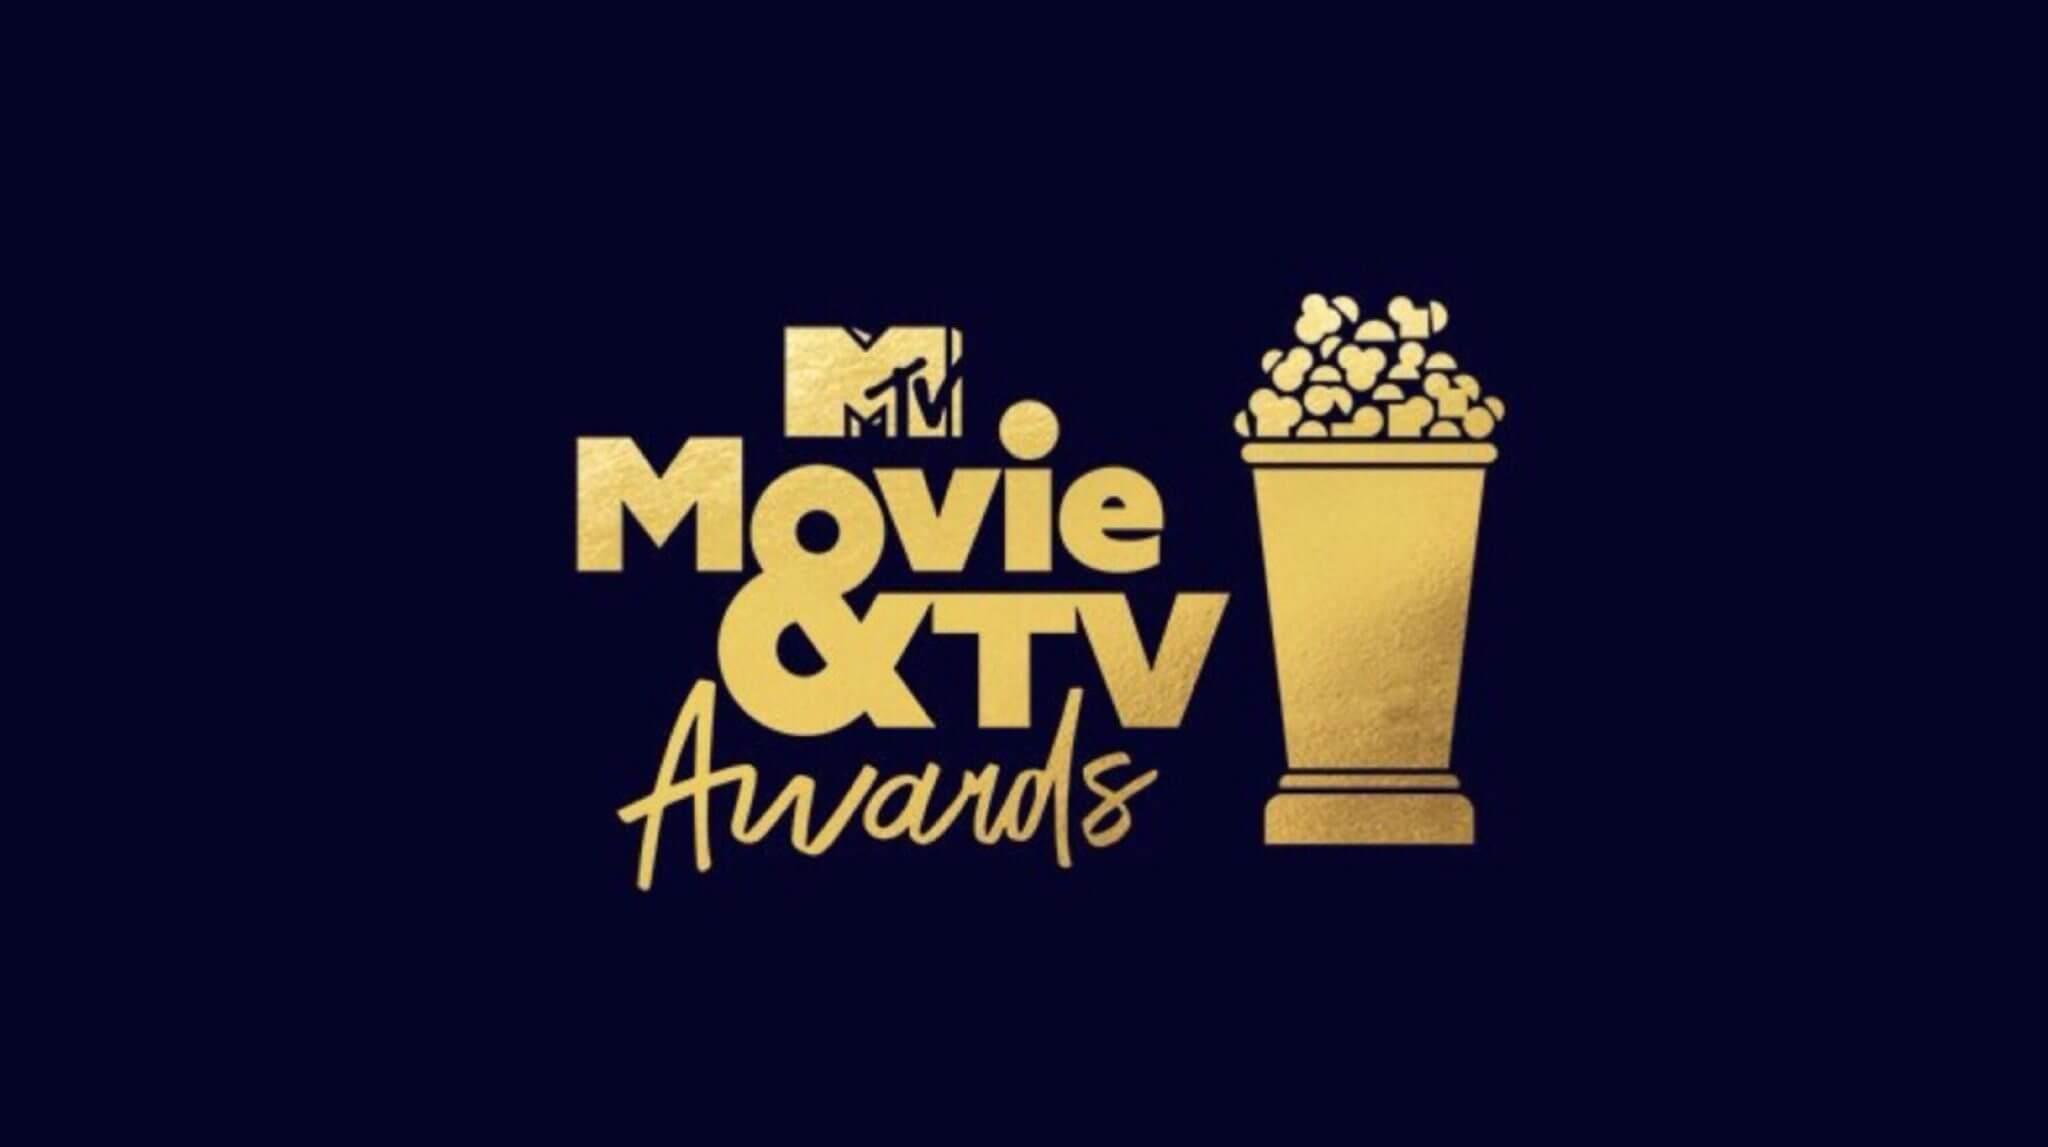 Pantera Negra e Stranger Things são destaque entre os indicados na premiação da MTV deste ano 3